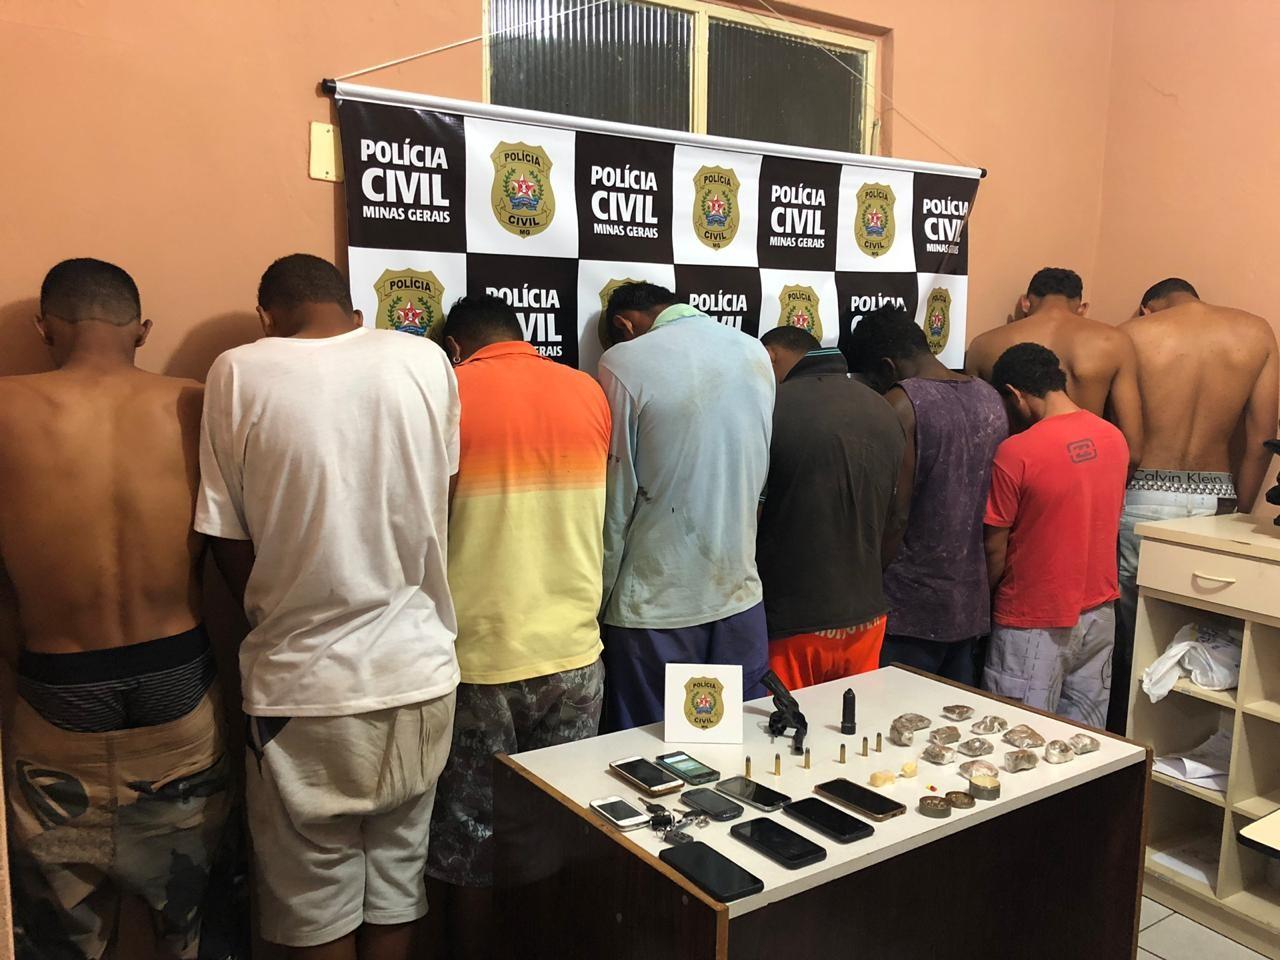 Nove homens são detidos pela Polícia Civil por tráfico de drogas em Pirapora - Notícias - Plantão Diário